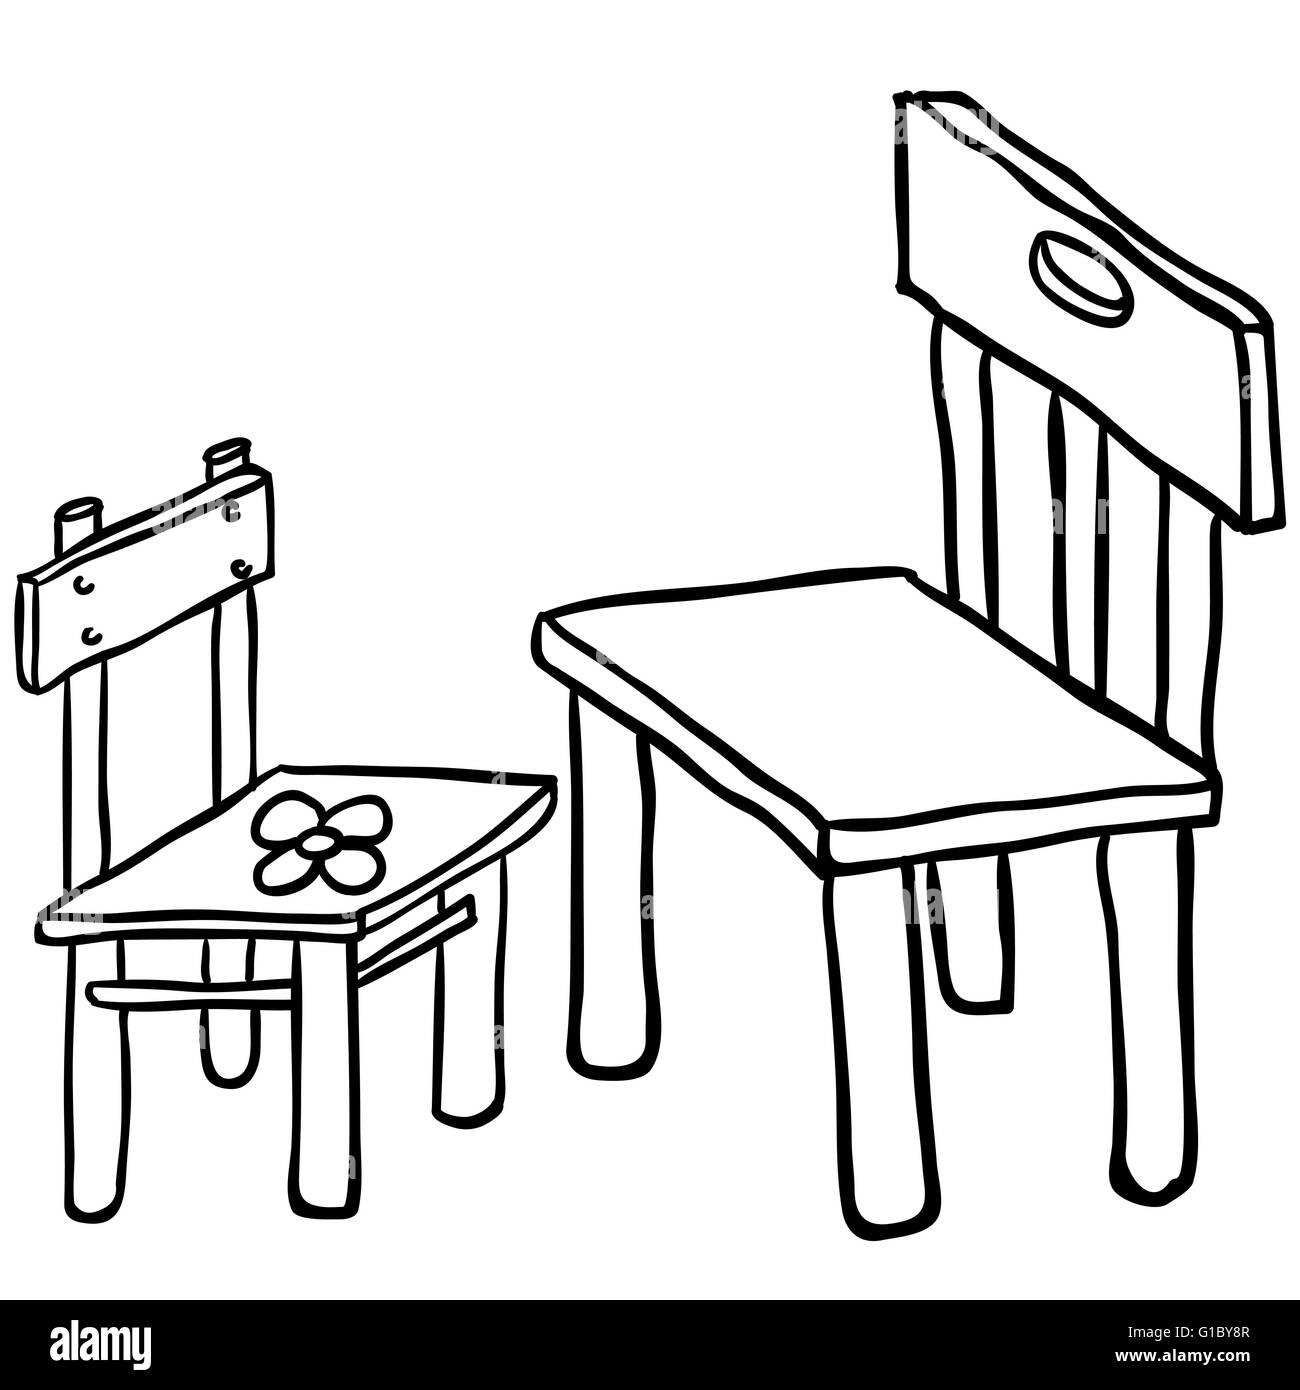 Stühle Abbildung Bild Weiße Cartoon Einfache Schwarze Und Vektor GMVSUzqp